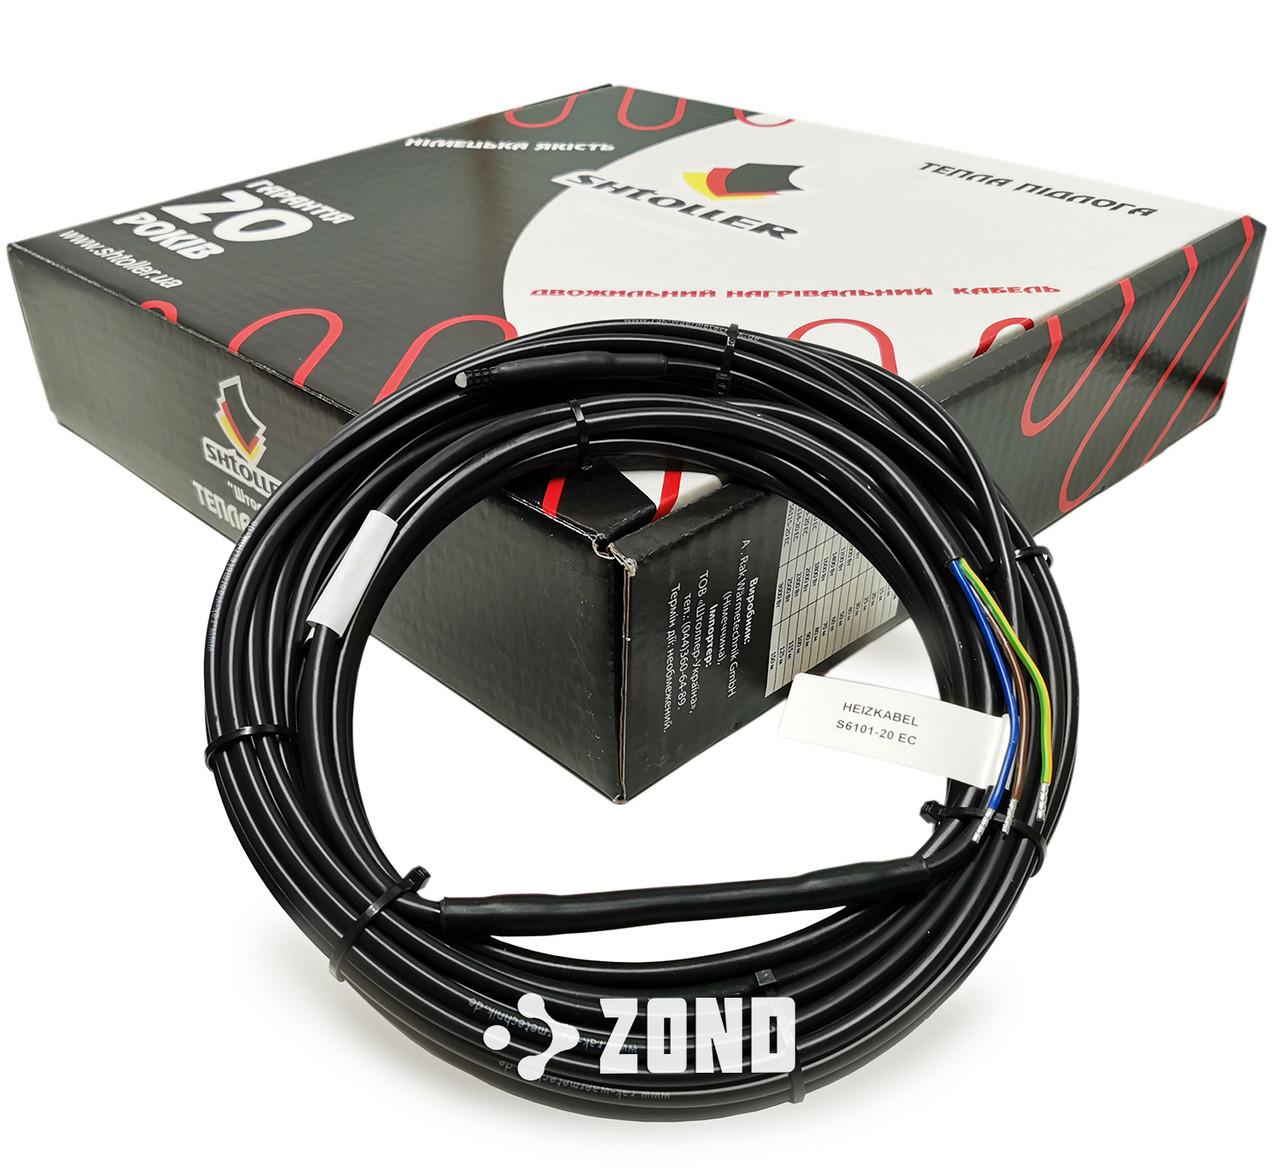 Электрический кабельный пол Shtoller 90 м / 1800 Вт / 9 - 11.2 м² (S6111-20 EC) / под плитку и стяжку